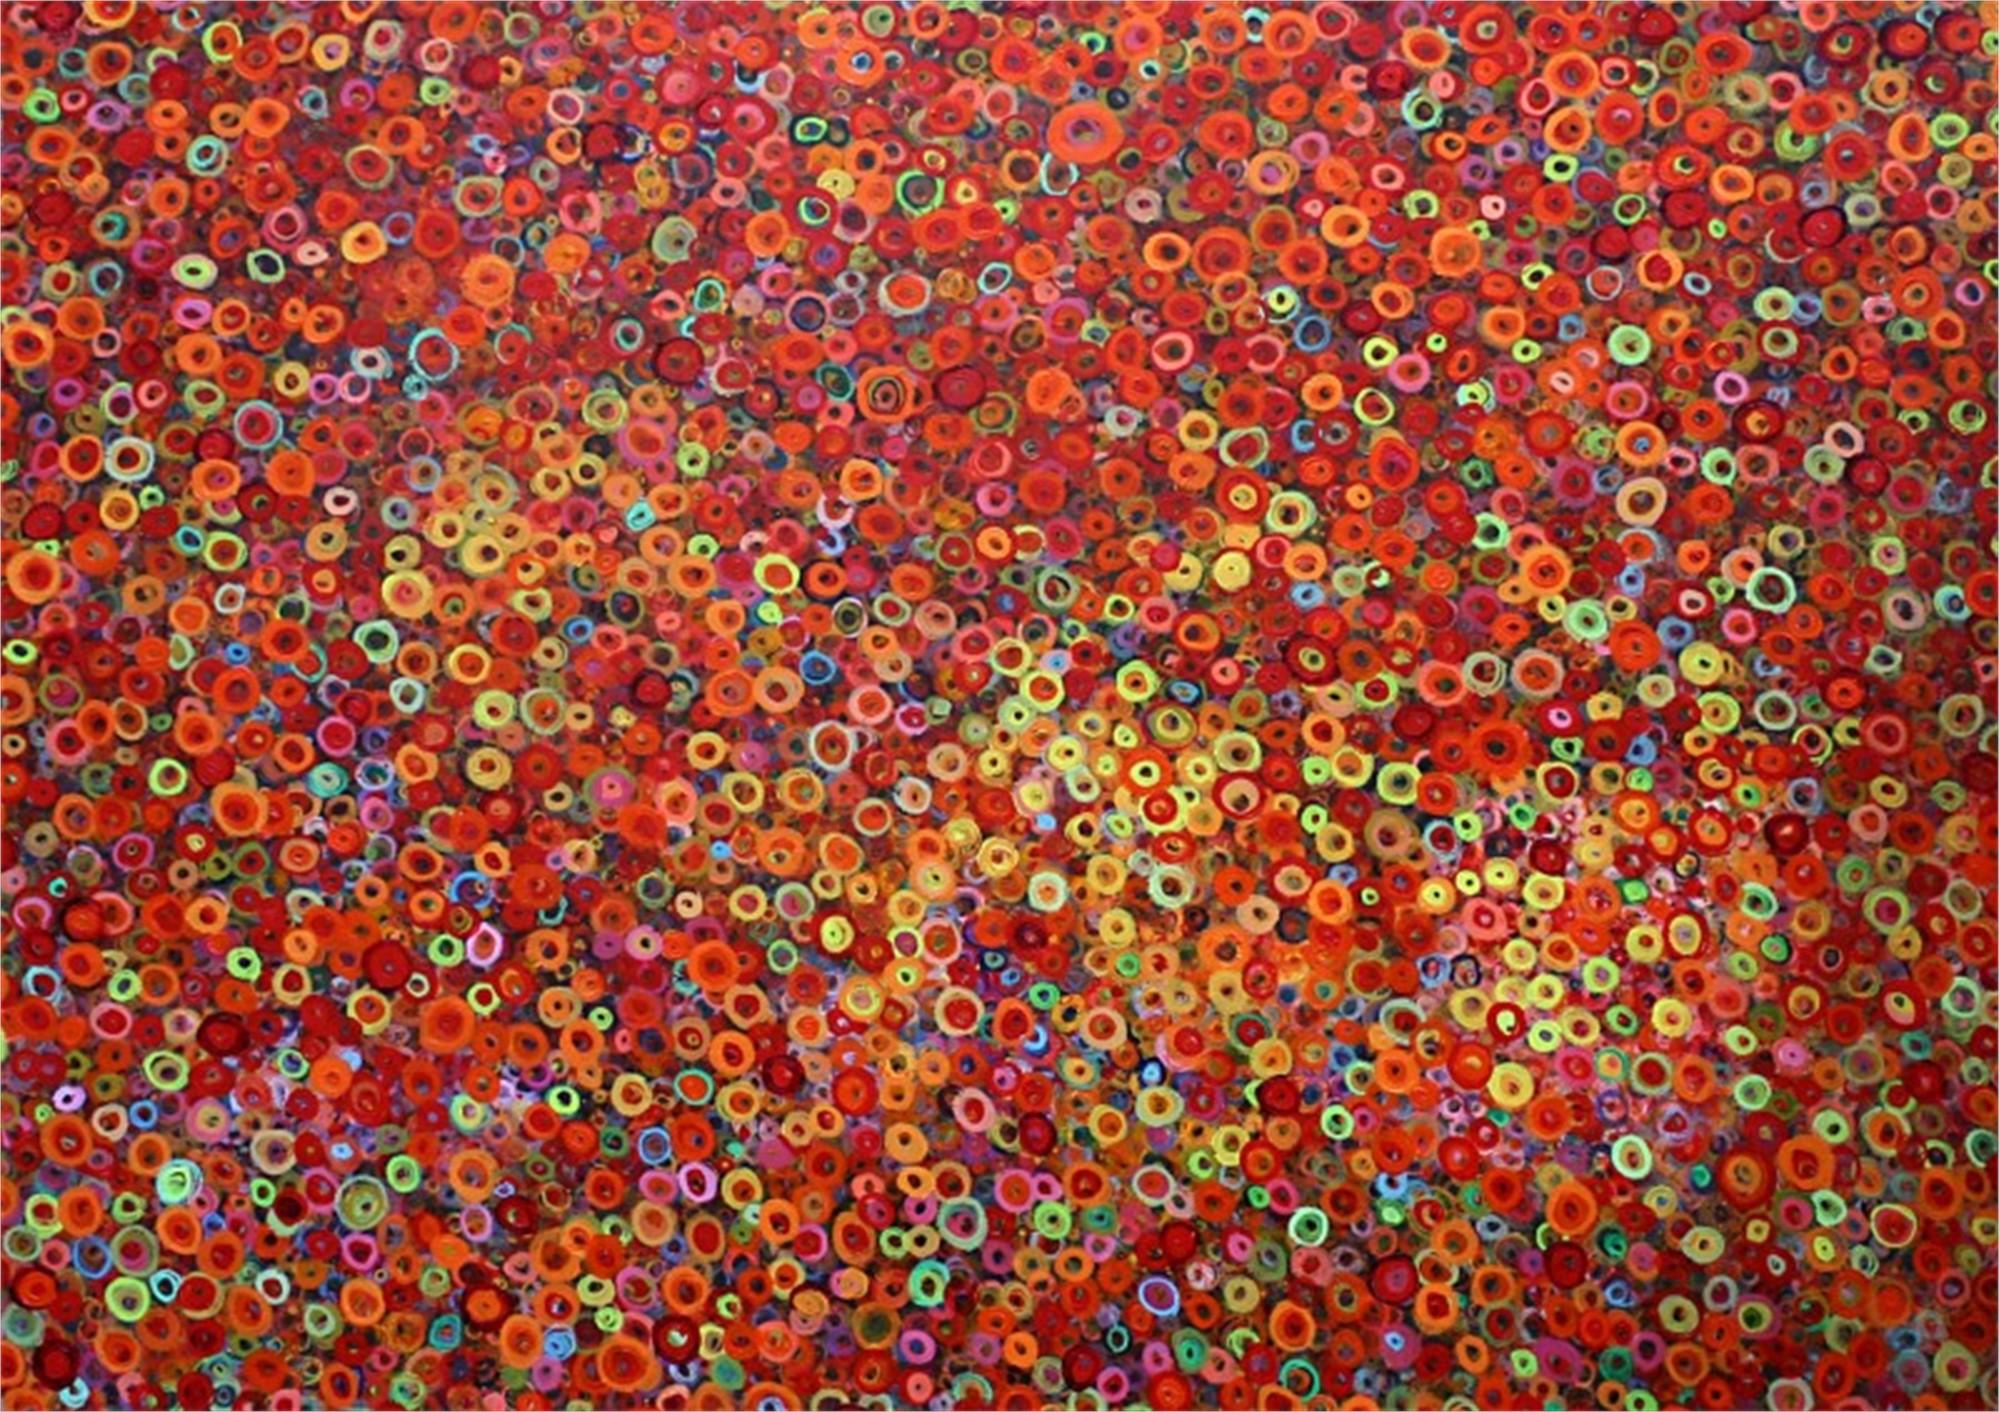 Spirit of Fall II by Marcio Diaz